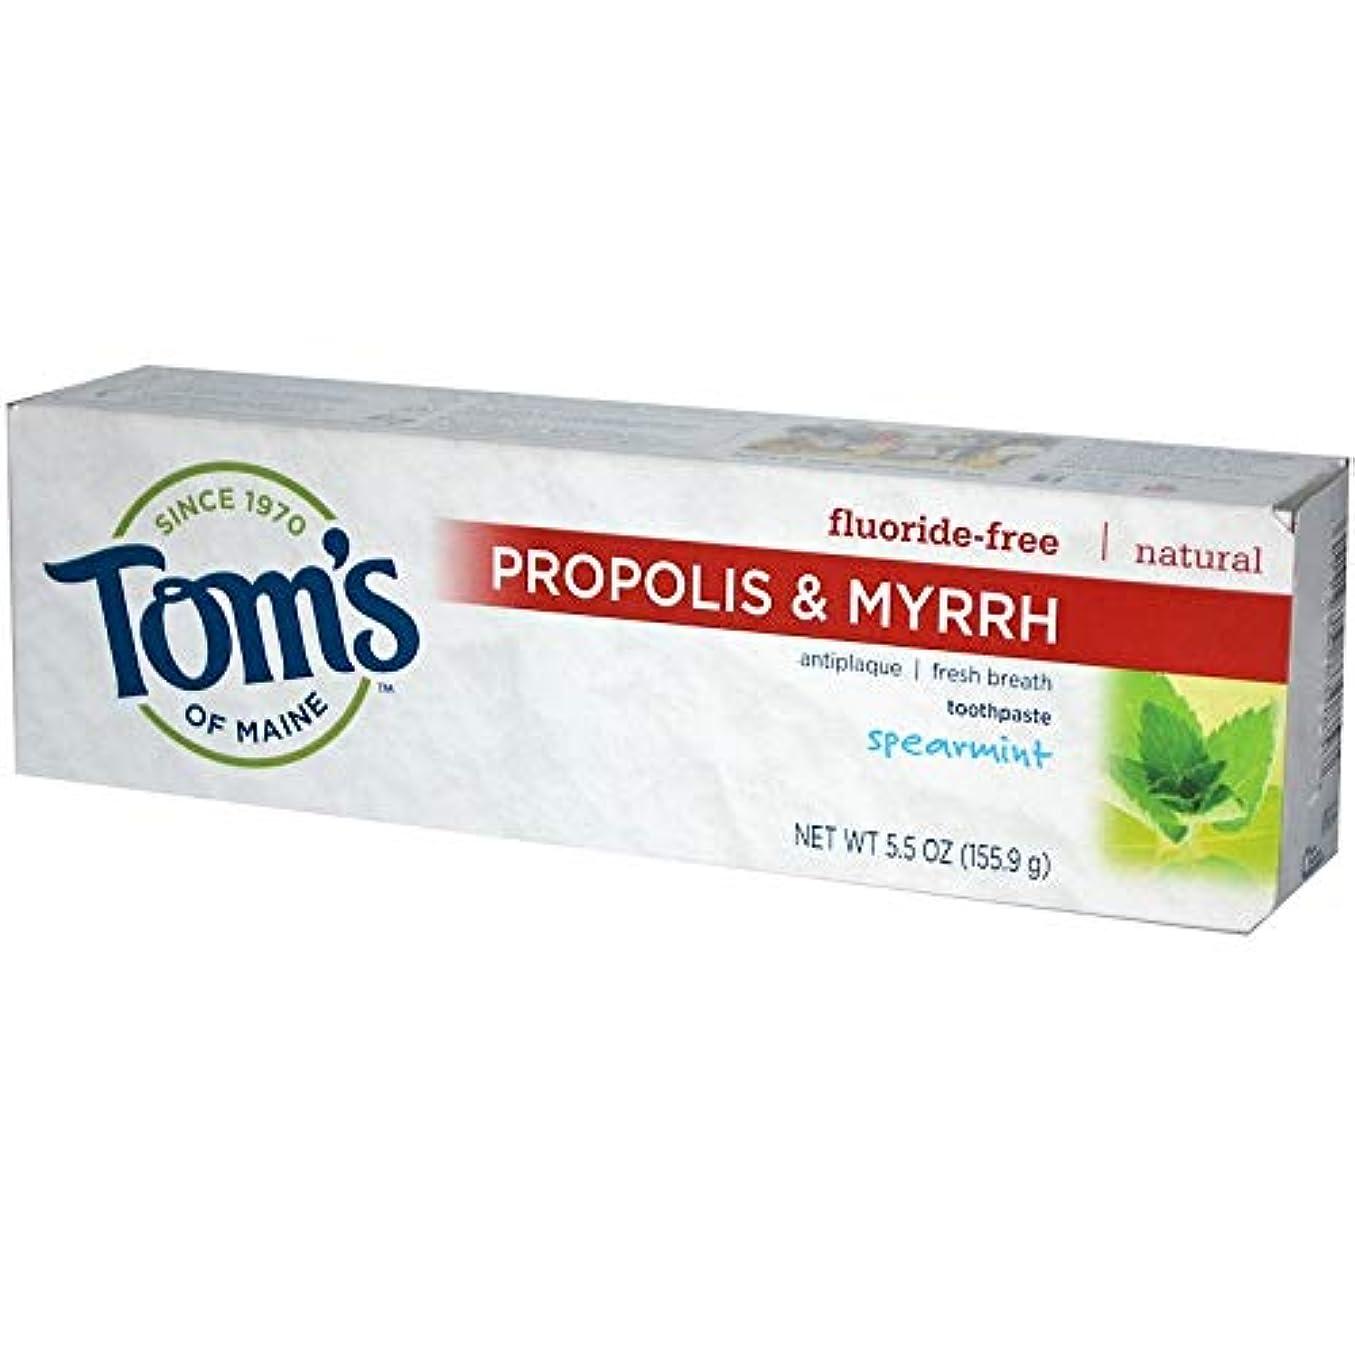 刺激するマスタード味付け<スペアミント>プロポリス&ミルラ ハミガキ粉 (133 g入りX 5 Pack) [並行輸入品]